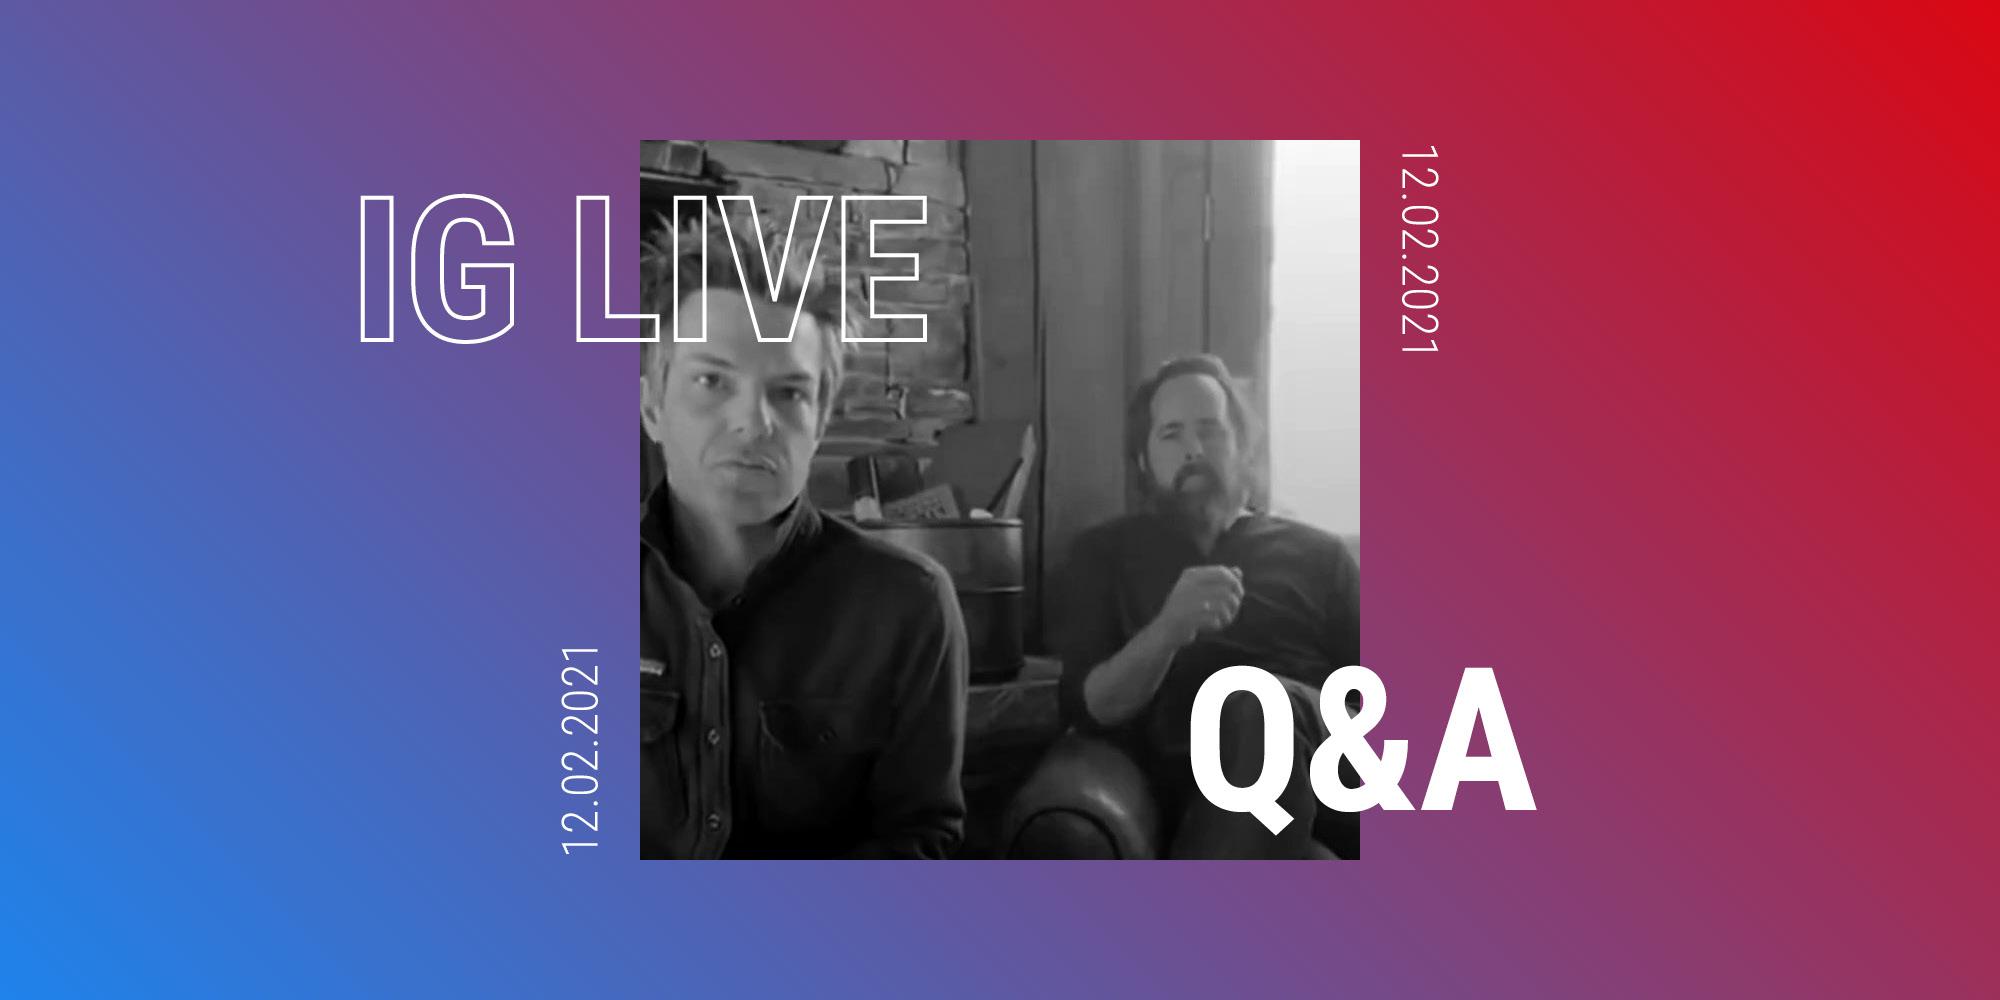 Curiosità e chiacchierate con i fan nella Q&A su instagram